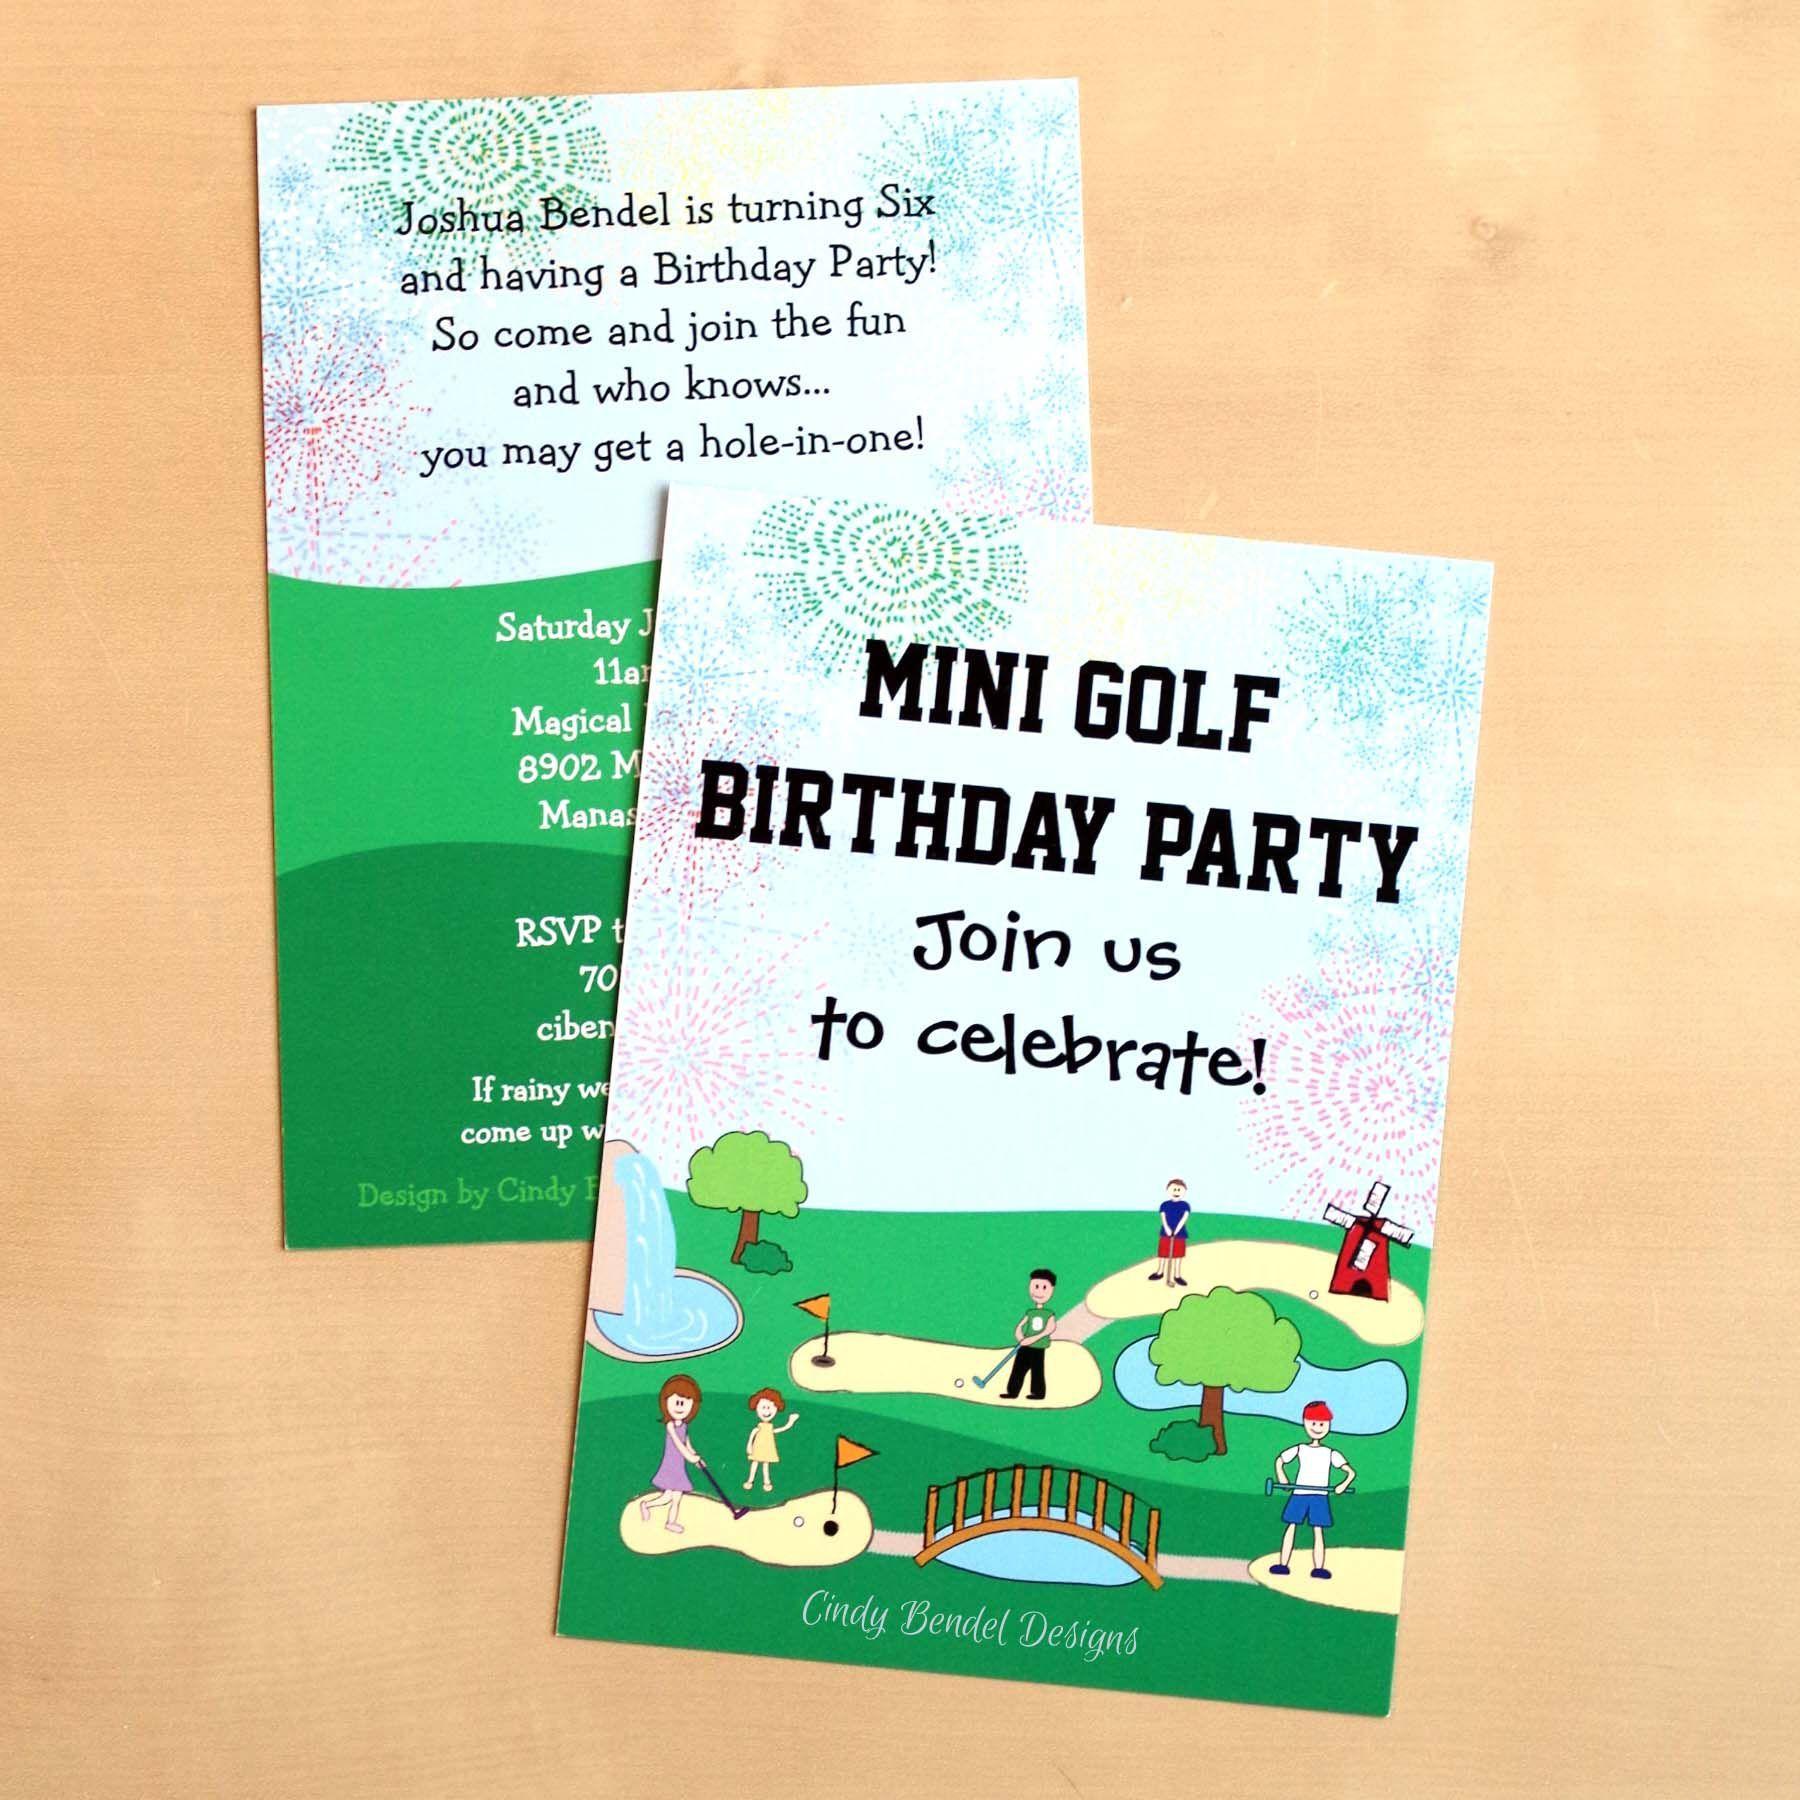 Einladung Kindergeburtstag Text Kurz Minigolf | Geburtstag Einladung ...